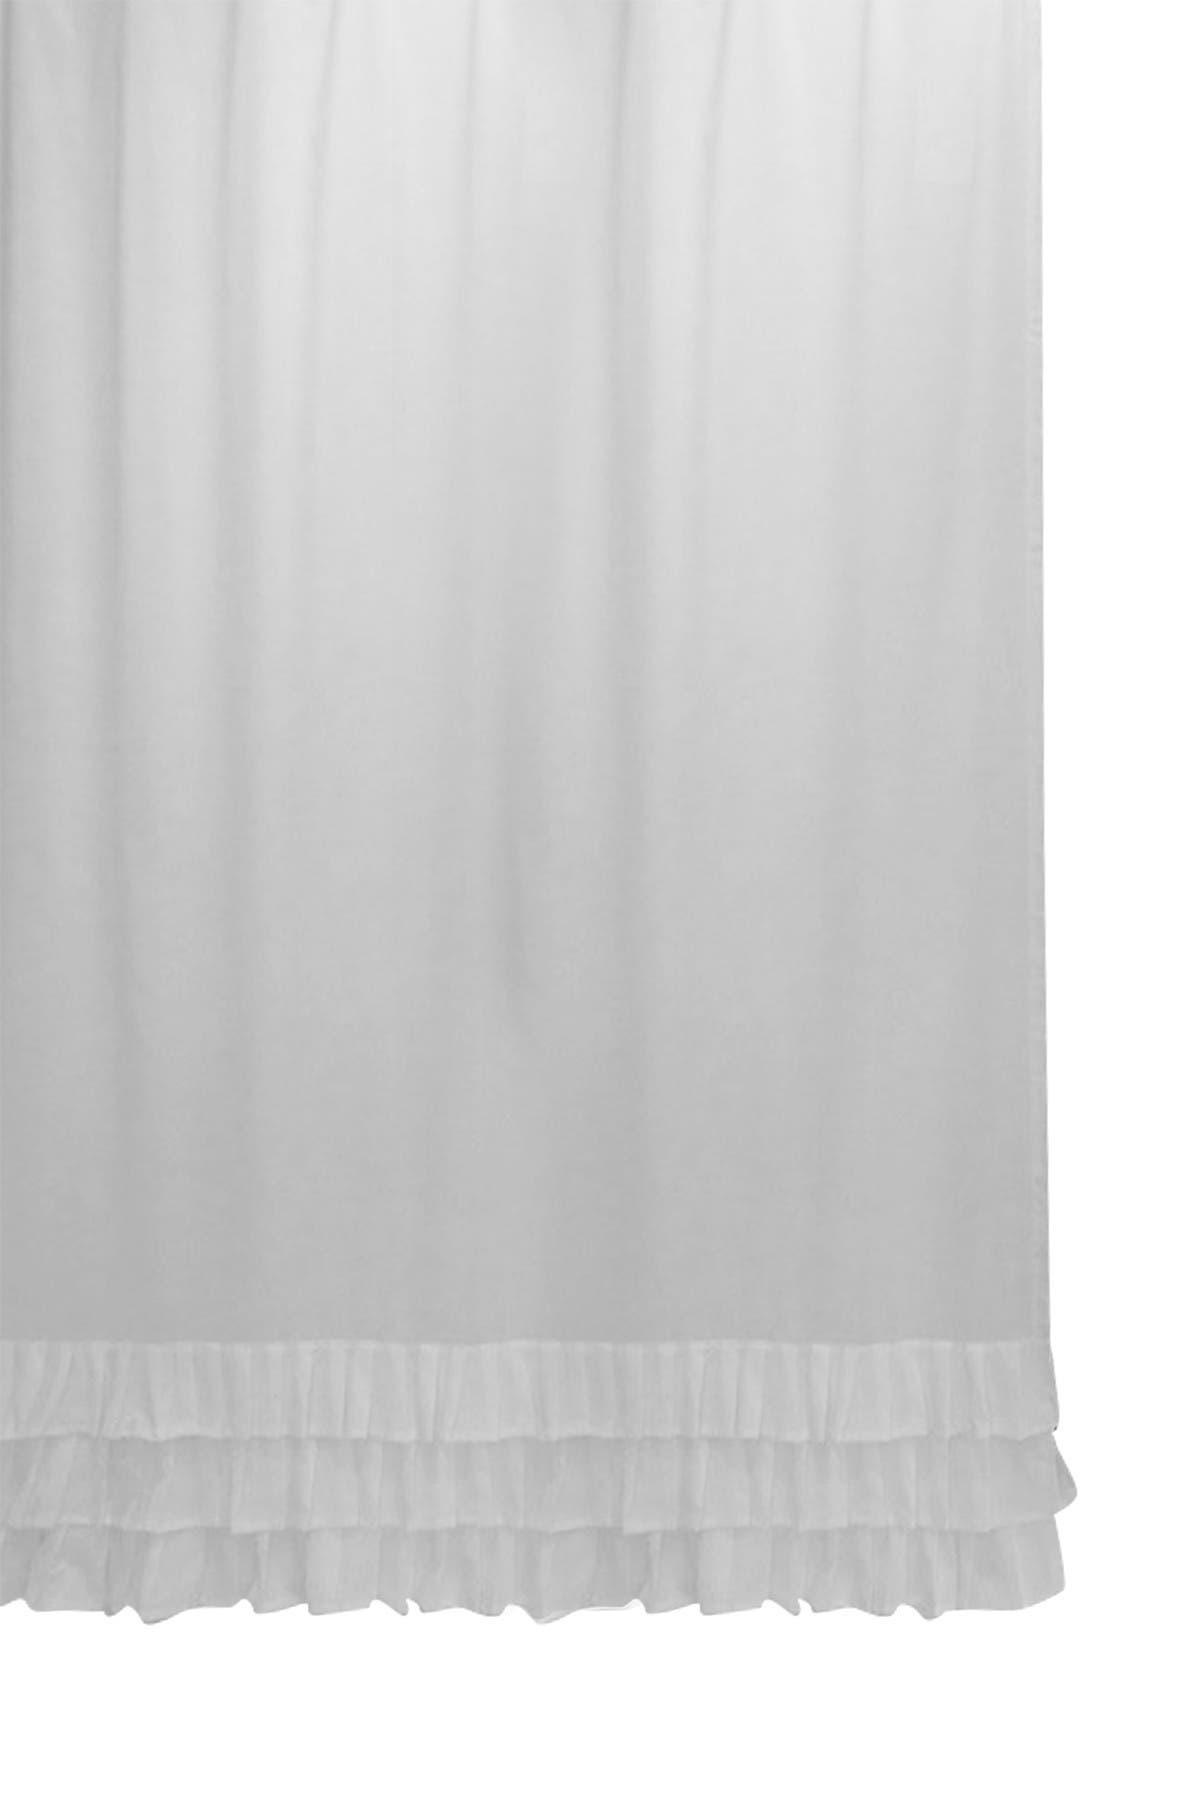 Bcbg Ruffle Shower Curtain White Nordstrom Rack